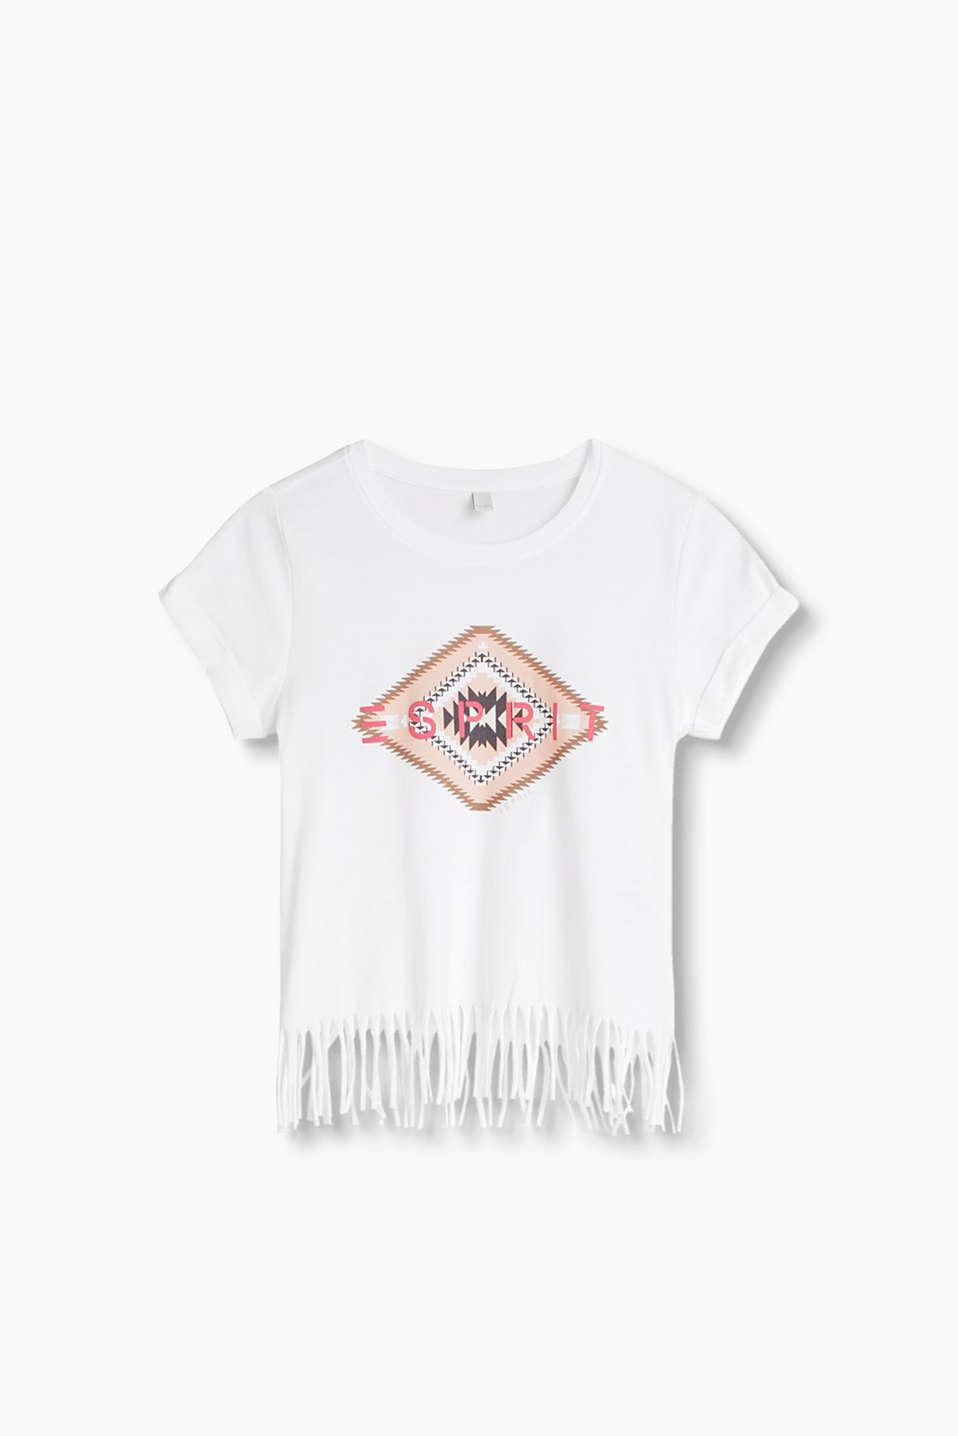 esprit print shirt mit fransen 100 baumwolle im online shop kaufen. Black Bedroom Furniture Sets. Home Design Ideas